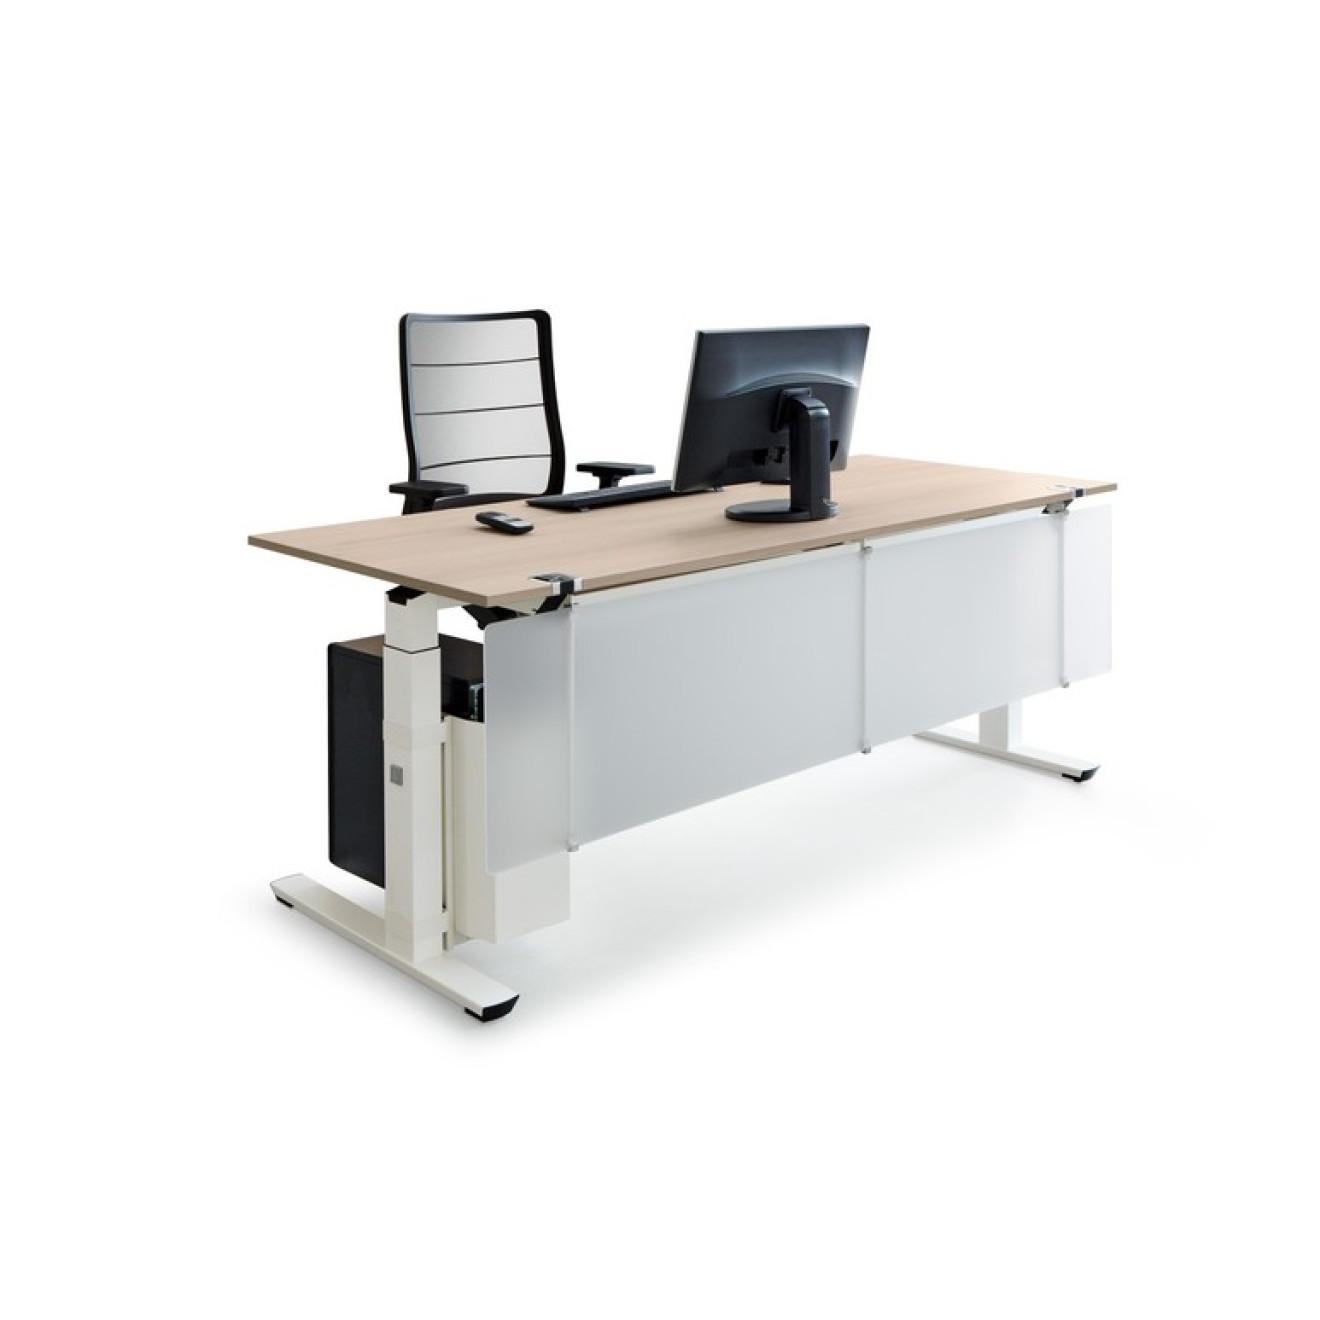 Pc schreibtisch  Palmberg Crew PC-Schreibtisch 160   180   200 cm   objectservice.de